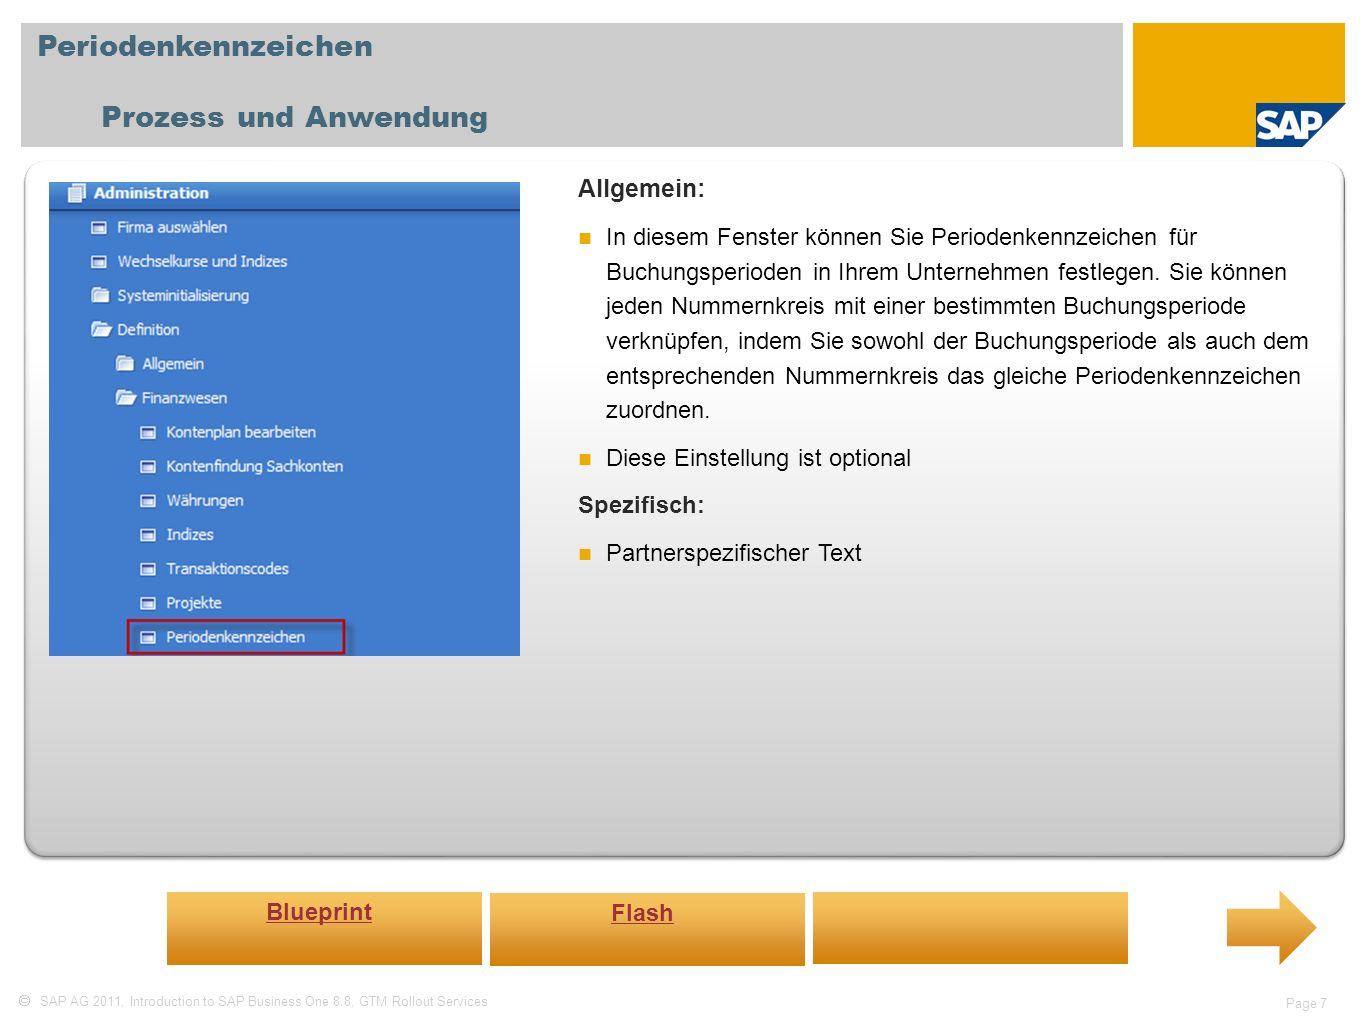 SAP AG 2011, Introduction to SAP Business One 8.8, GTM Rollout Services Page 7 Periodenkennzeichen Prozess und Anwendung Allgemein: In diesem Fenster